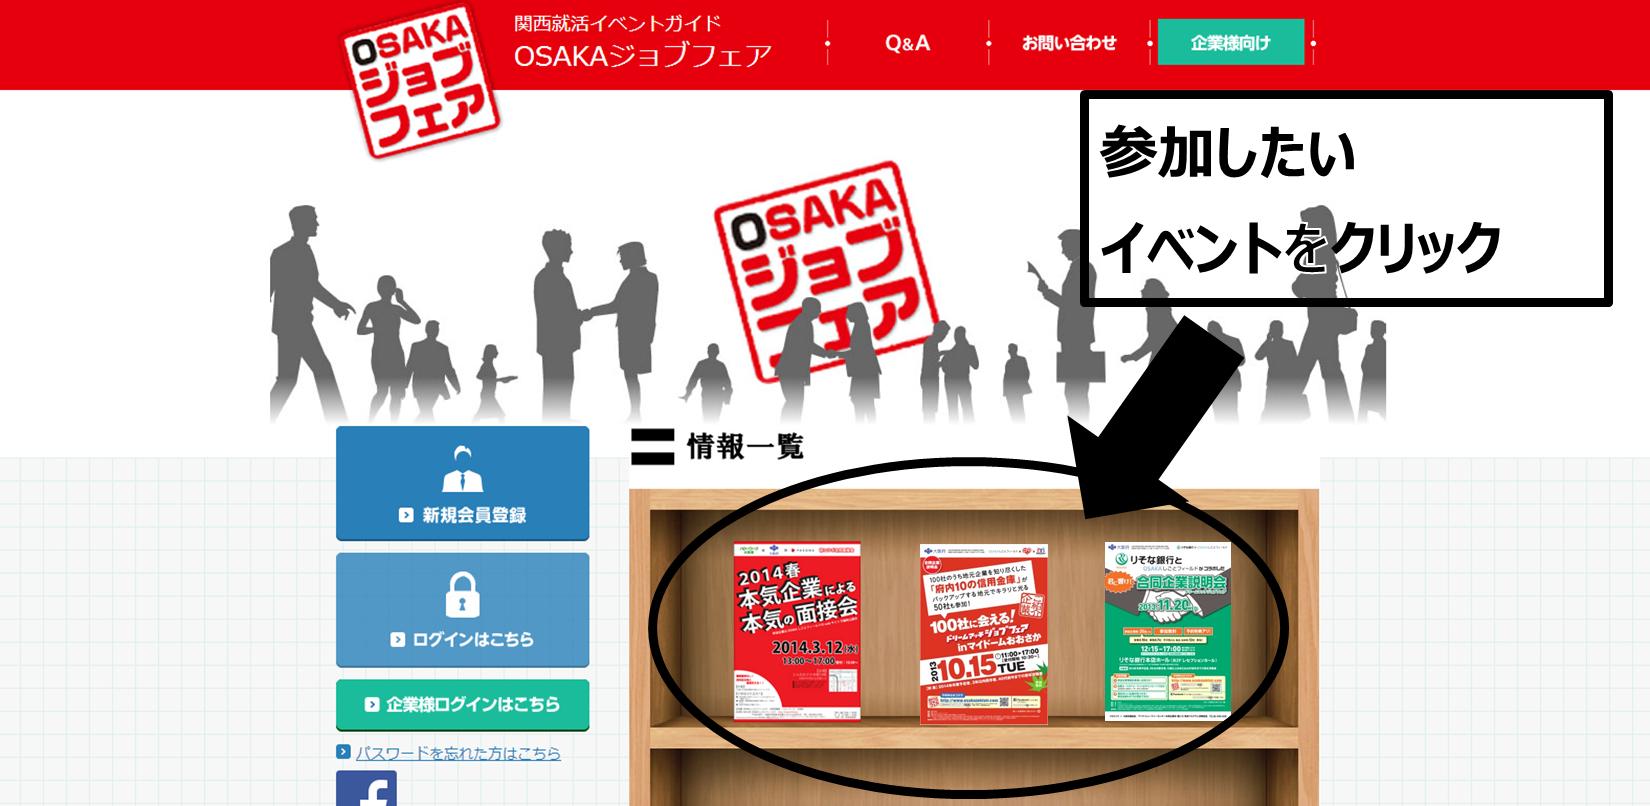 http://osakajobfair.com/event/top2.jpg